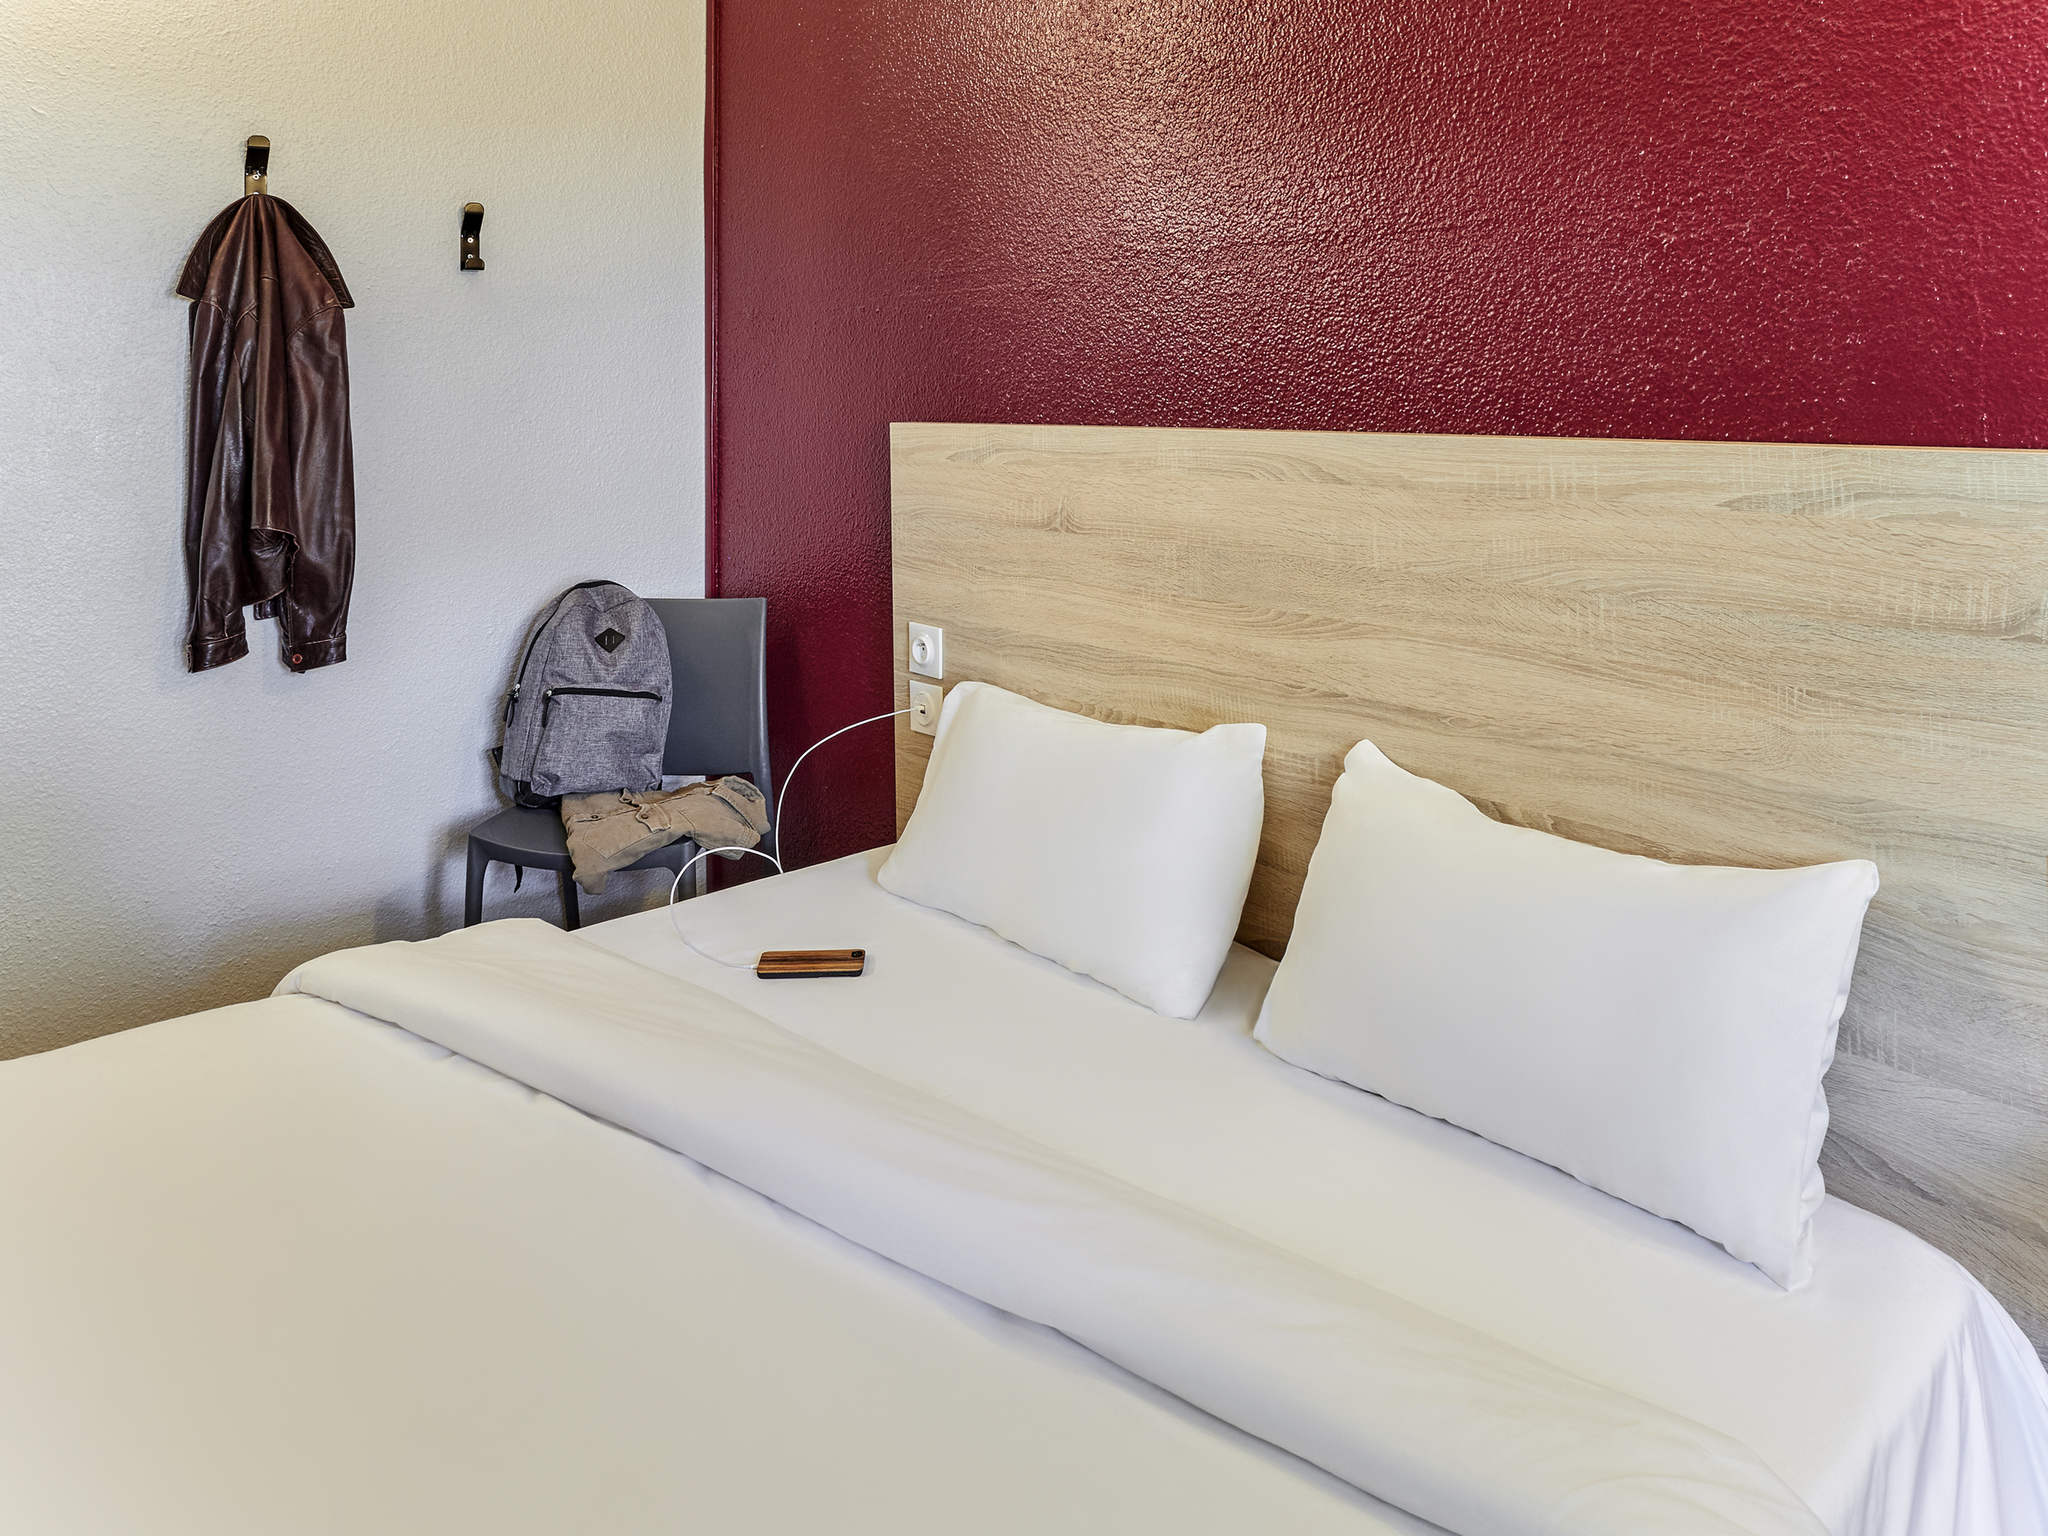 Hôtel - hotelF1 Marseille Plan de Campagne N°2